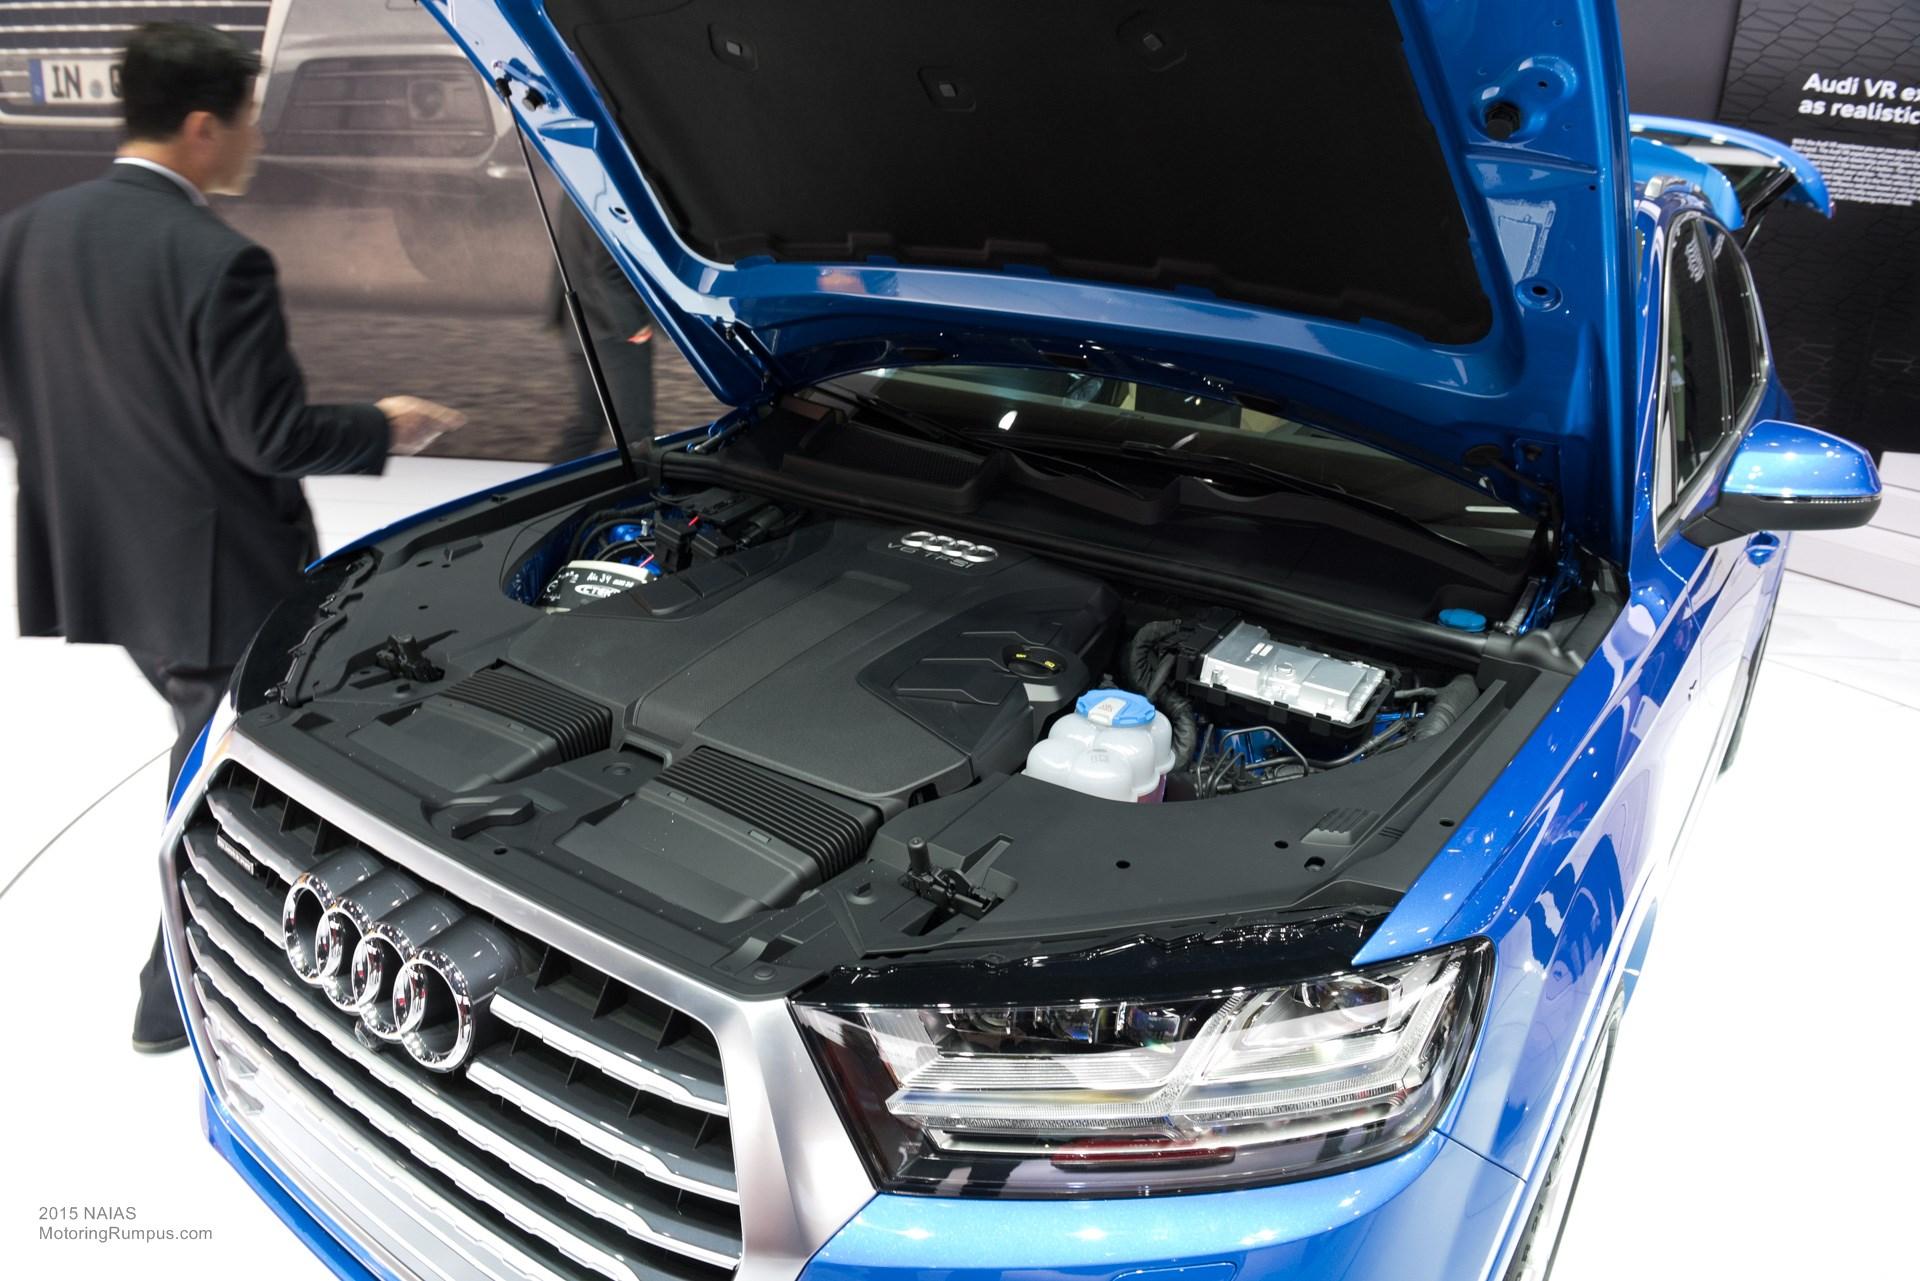 2015 NAIAS Audi Q7 Engine